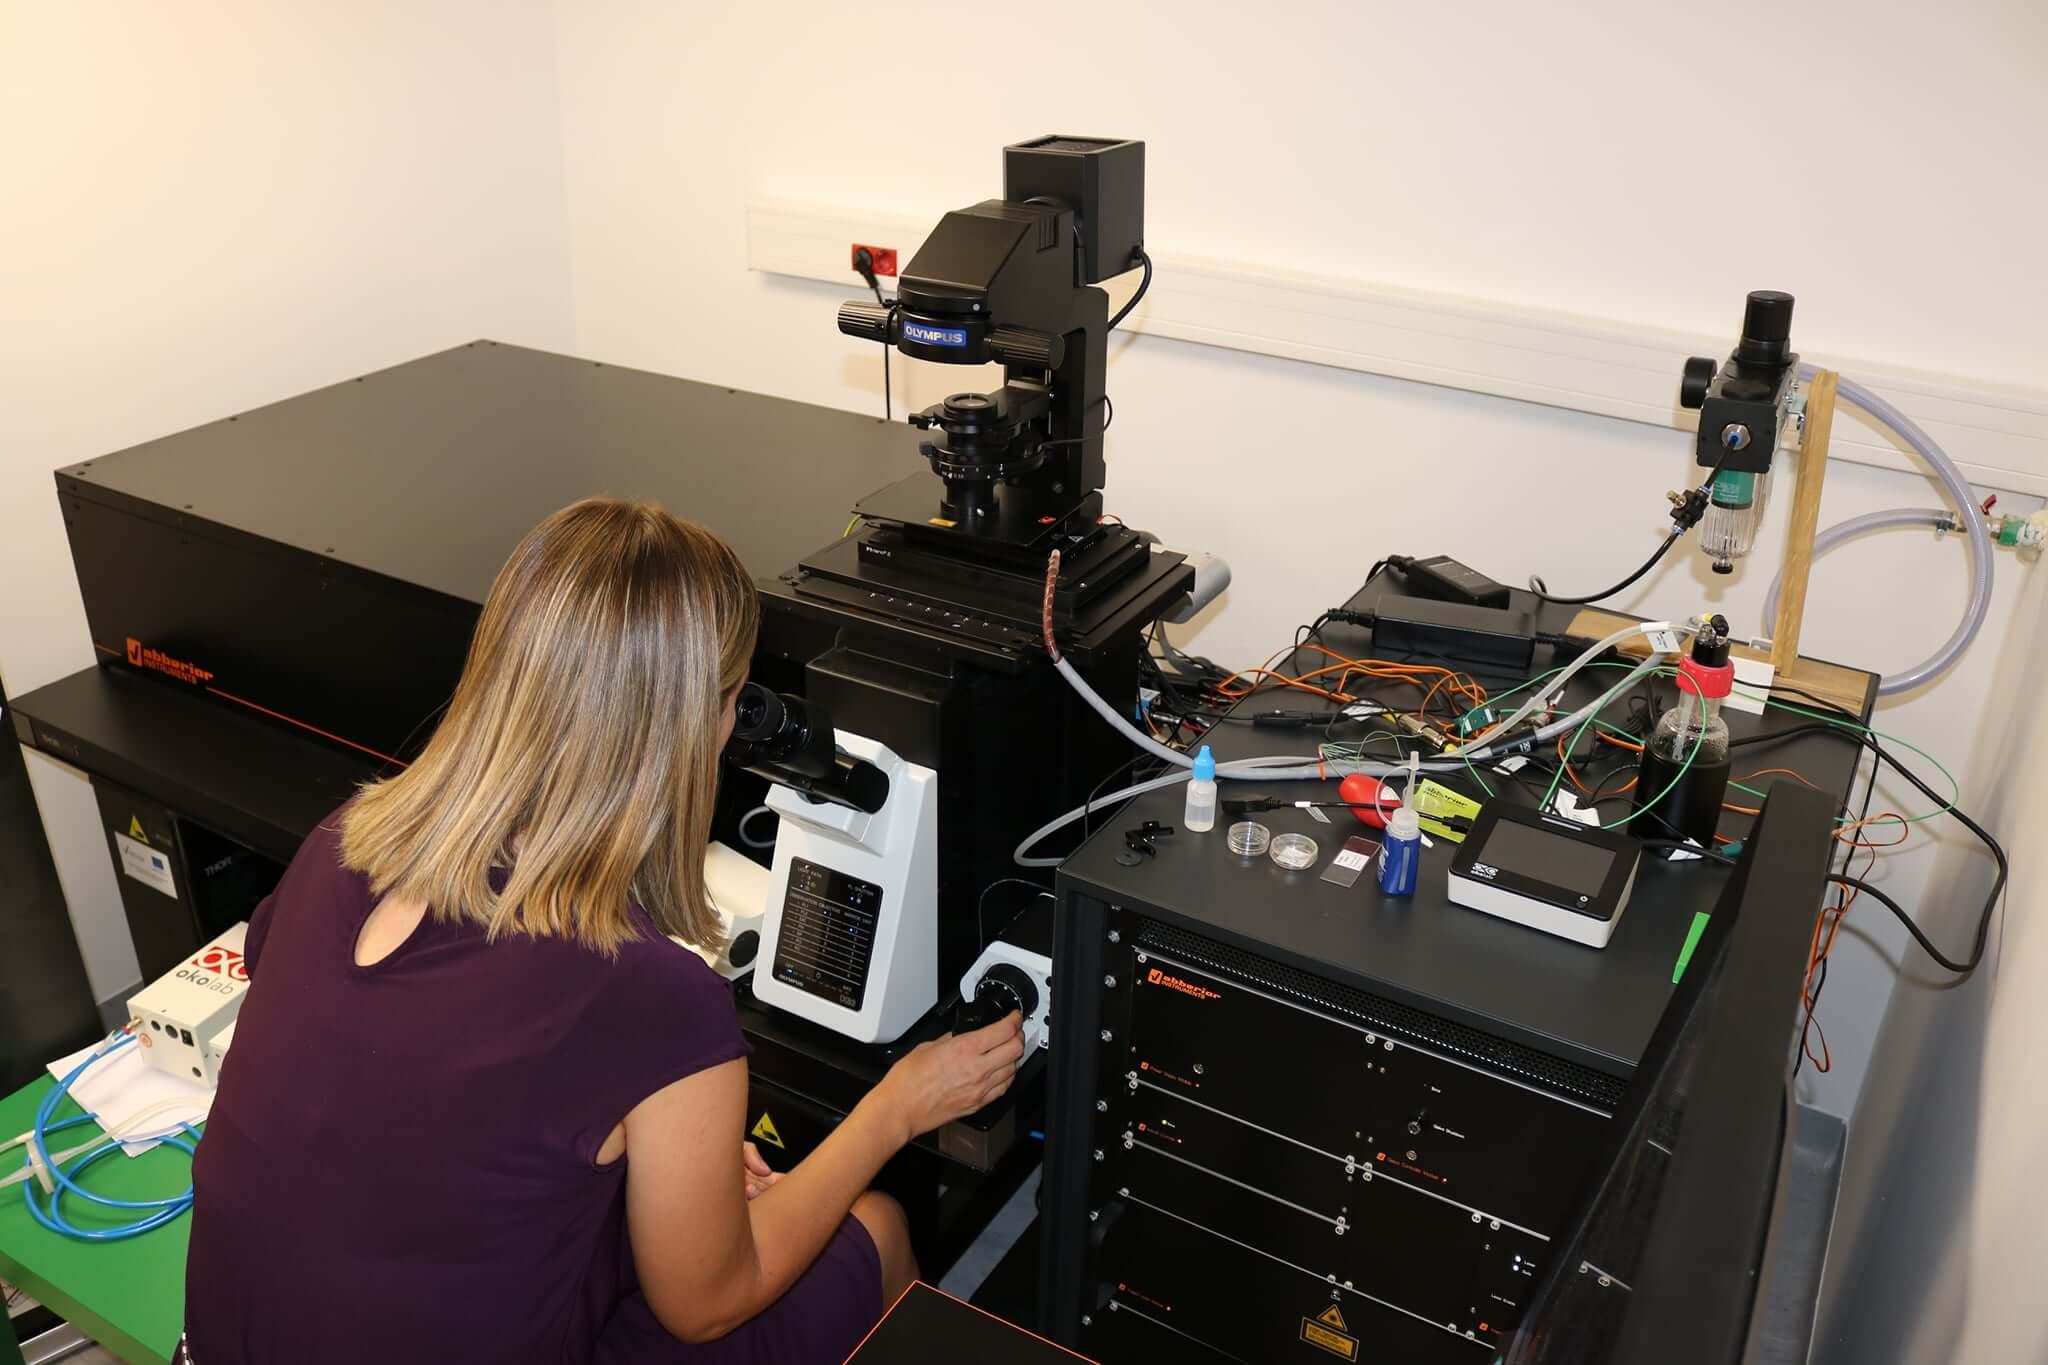 Na Ruđer stigao super-mikroskop vrijedan 4,5 milijuna kuna: Otkrili za što će ga koristiti